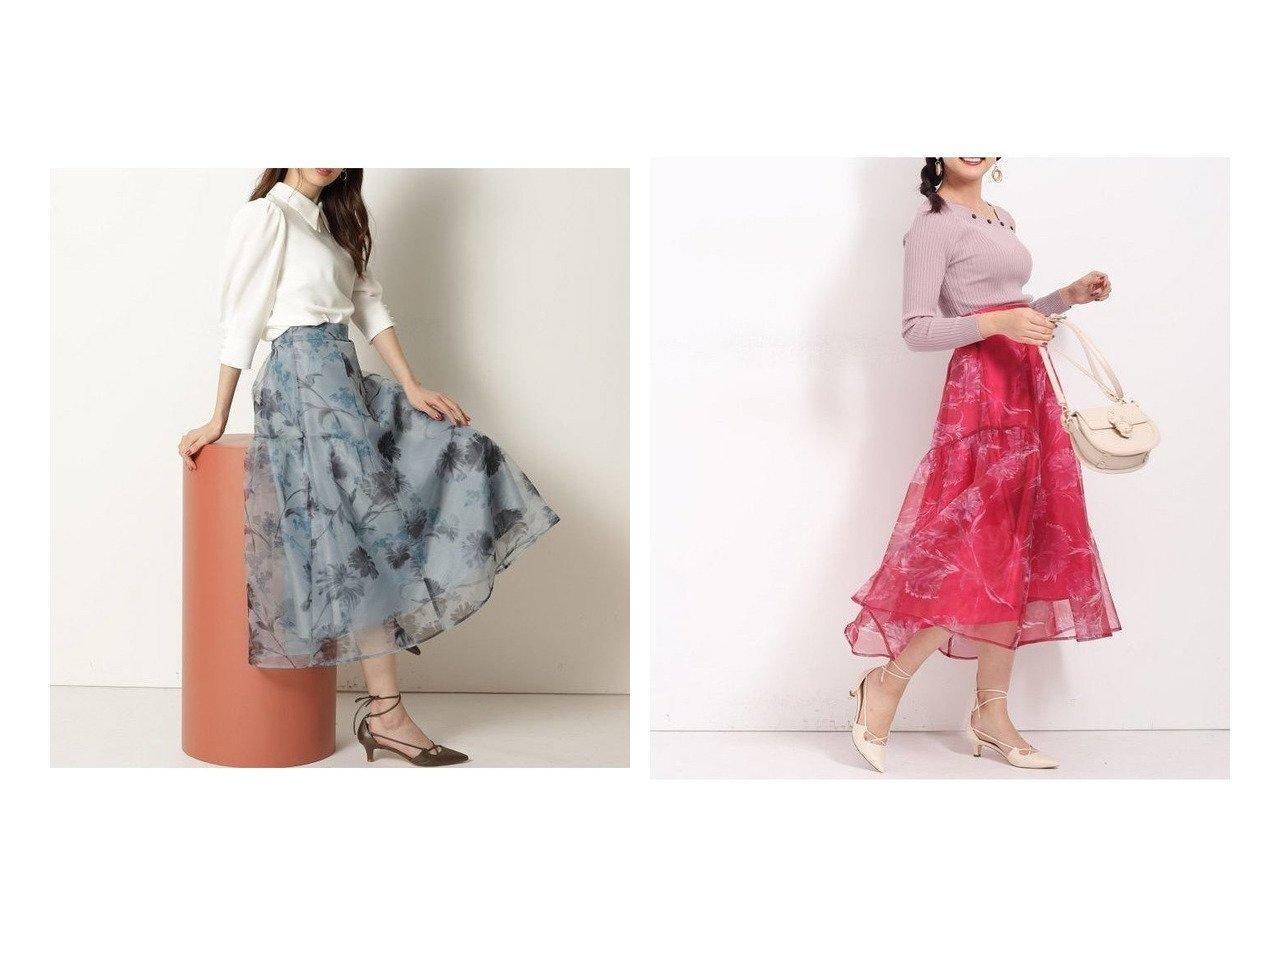 【Rirandture/リランドチュール】のオーガンフラワーアシメスカート スカートのおすすめ!人気、トレンド・レディースファッションの通販 おすすめで人気の流行・トレンド、ファッションの通販商品 メンズファッション・キッズファッション・インテリア・家具・レディースファッション・服の通販 founy(ファニー) https://founy.com/ ファッション Fashion レディースファッション WOMEN スカート Skirt Aライン/フレアスカート Flared A-Line Skirts おすすめ Recommend ギャザー ファブリック フラワー フレア プリント ロマンティック 再入荷 Restock/Back in Stock/Re Arrival |ID:crp329100000024725